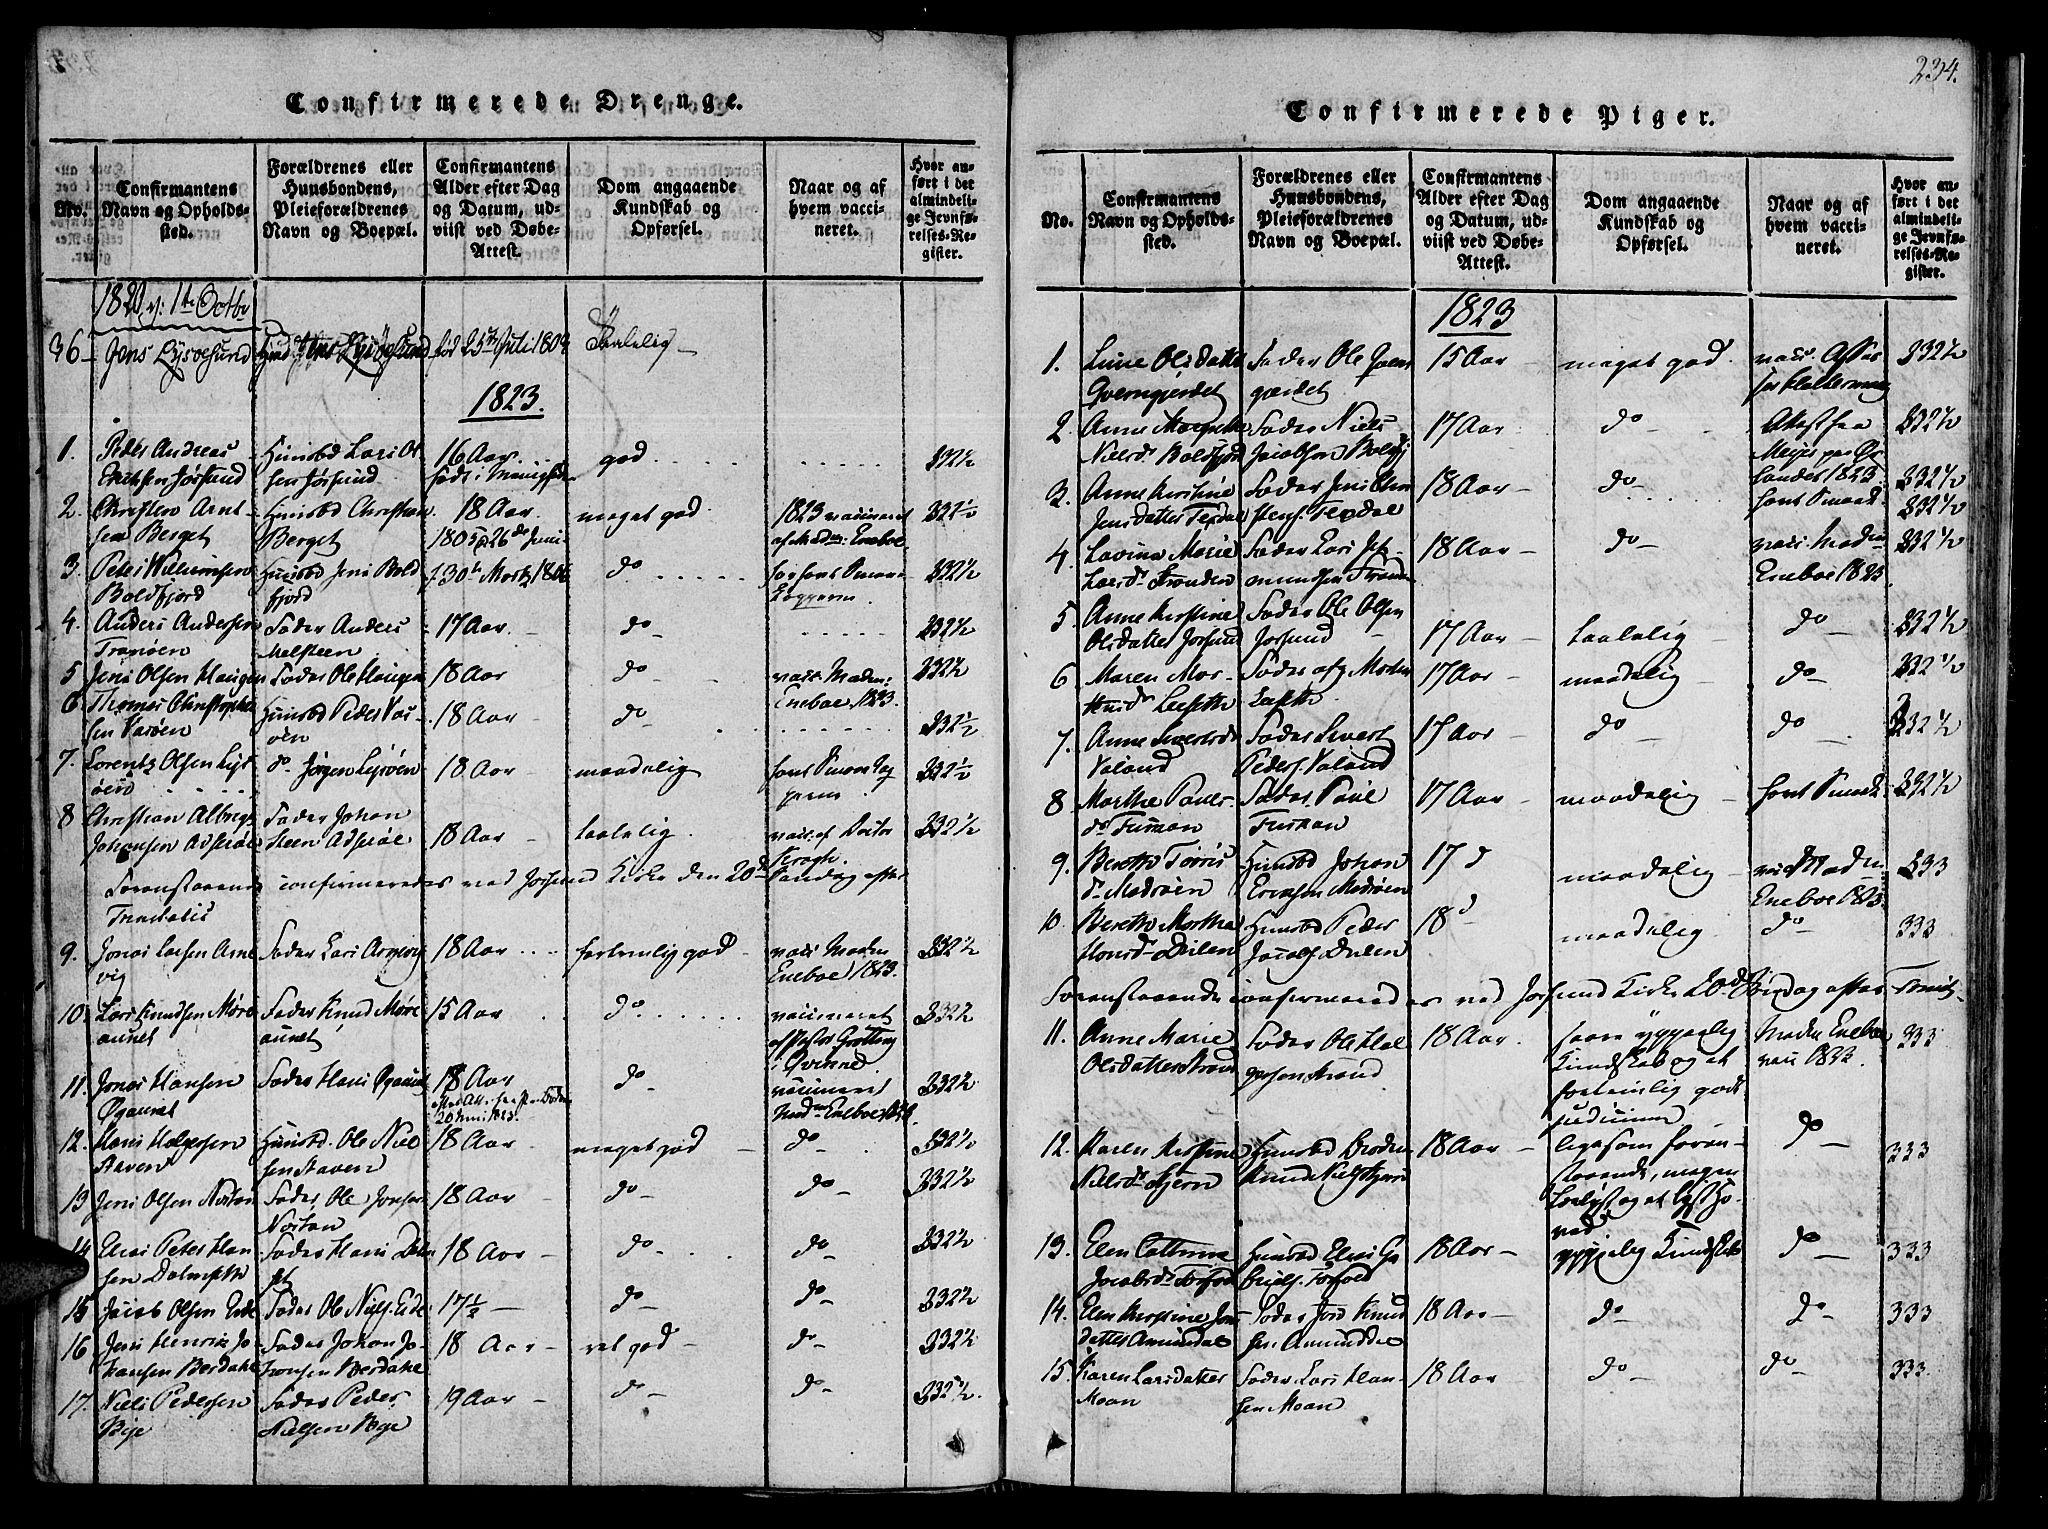 SAT, Ministerialprotokoller, klokkerbøker og fødselsregistre - Sør-Trøndelag, 655/L0675: Ministerialbok nr. 655A04, 1818-1830, s. 234